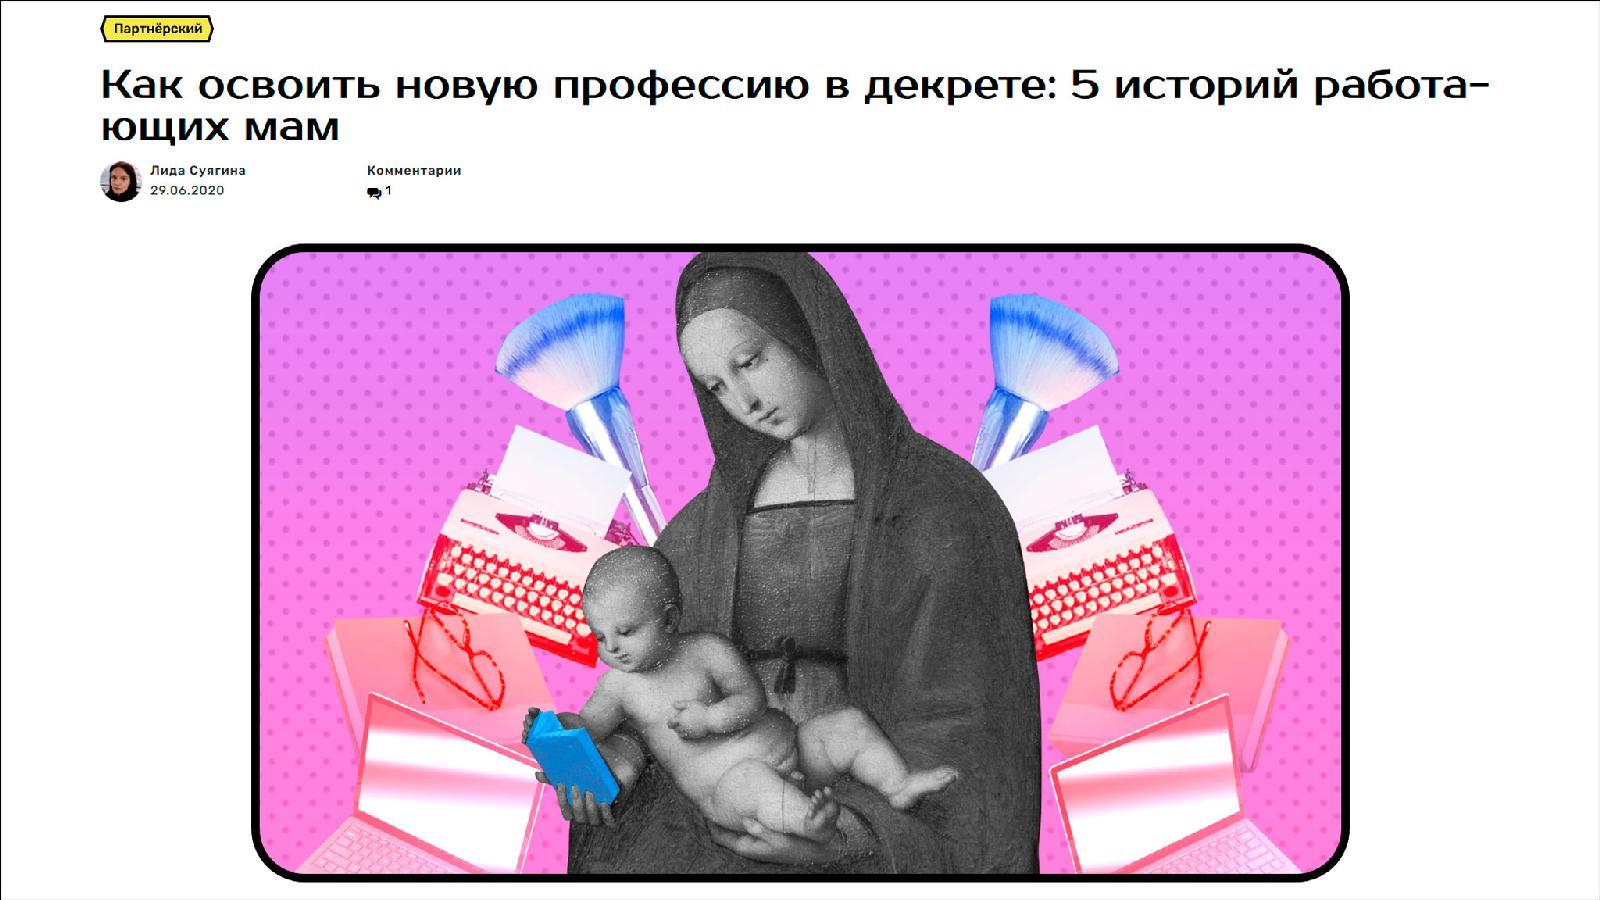 Пример партнерского материала. Вместе с сервисом онлайн-образования «Яндекс. Практикум» рассказываем, как декрет может стать поводом попробовать что‑то новое и круто изменить свой карьерный путь